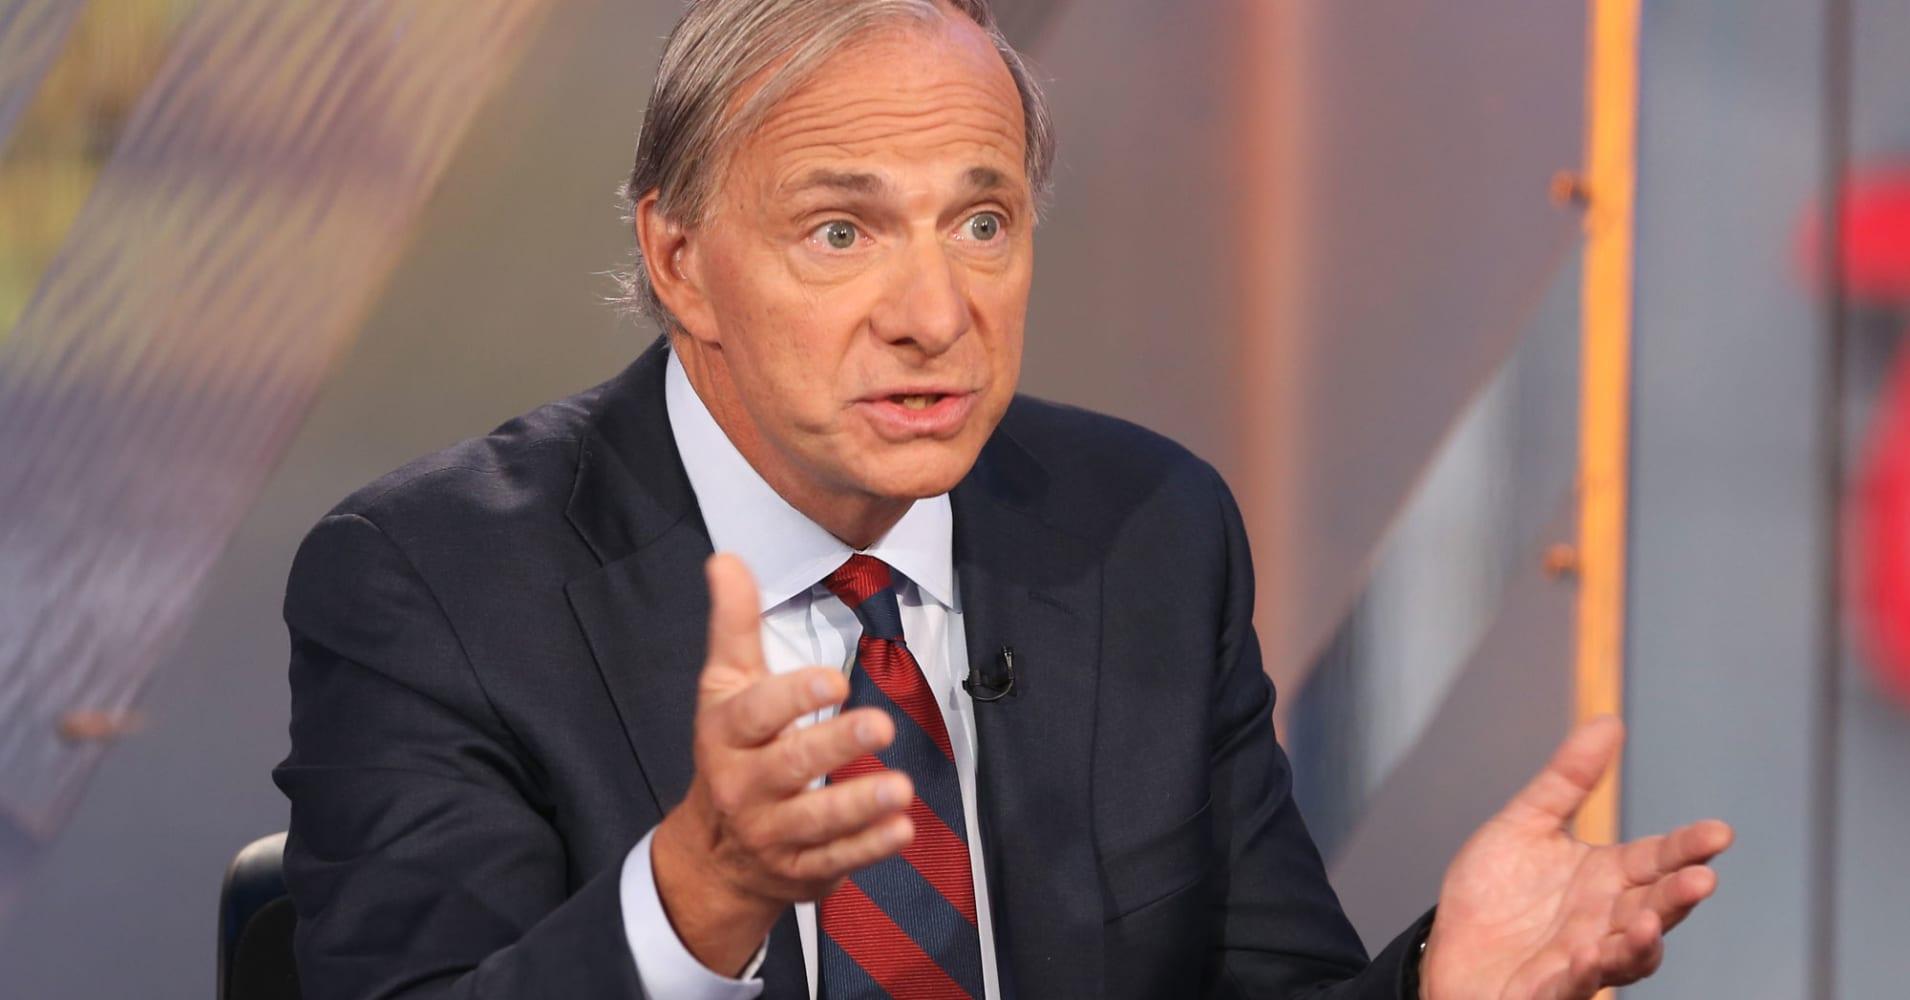 Ray Dalio: 'Risks of a recession' are rising